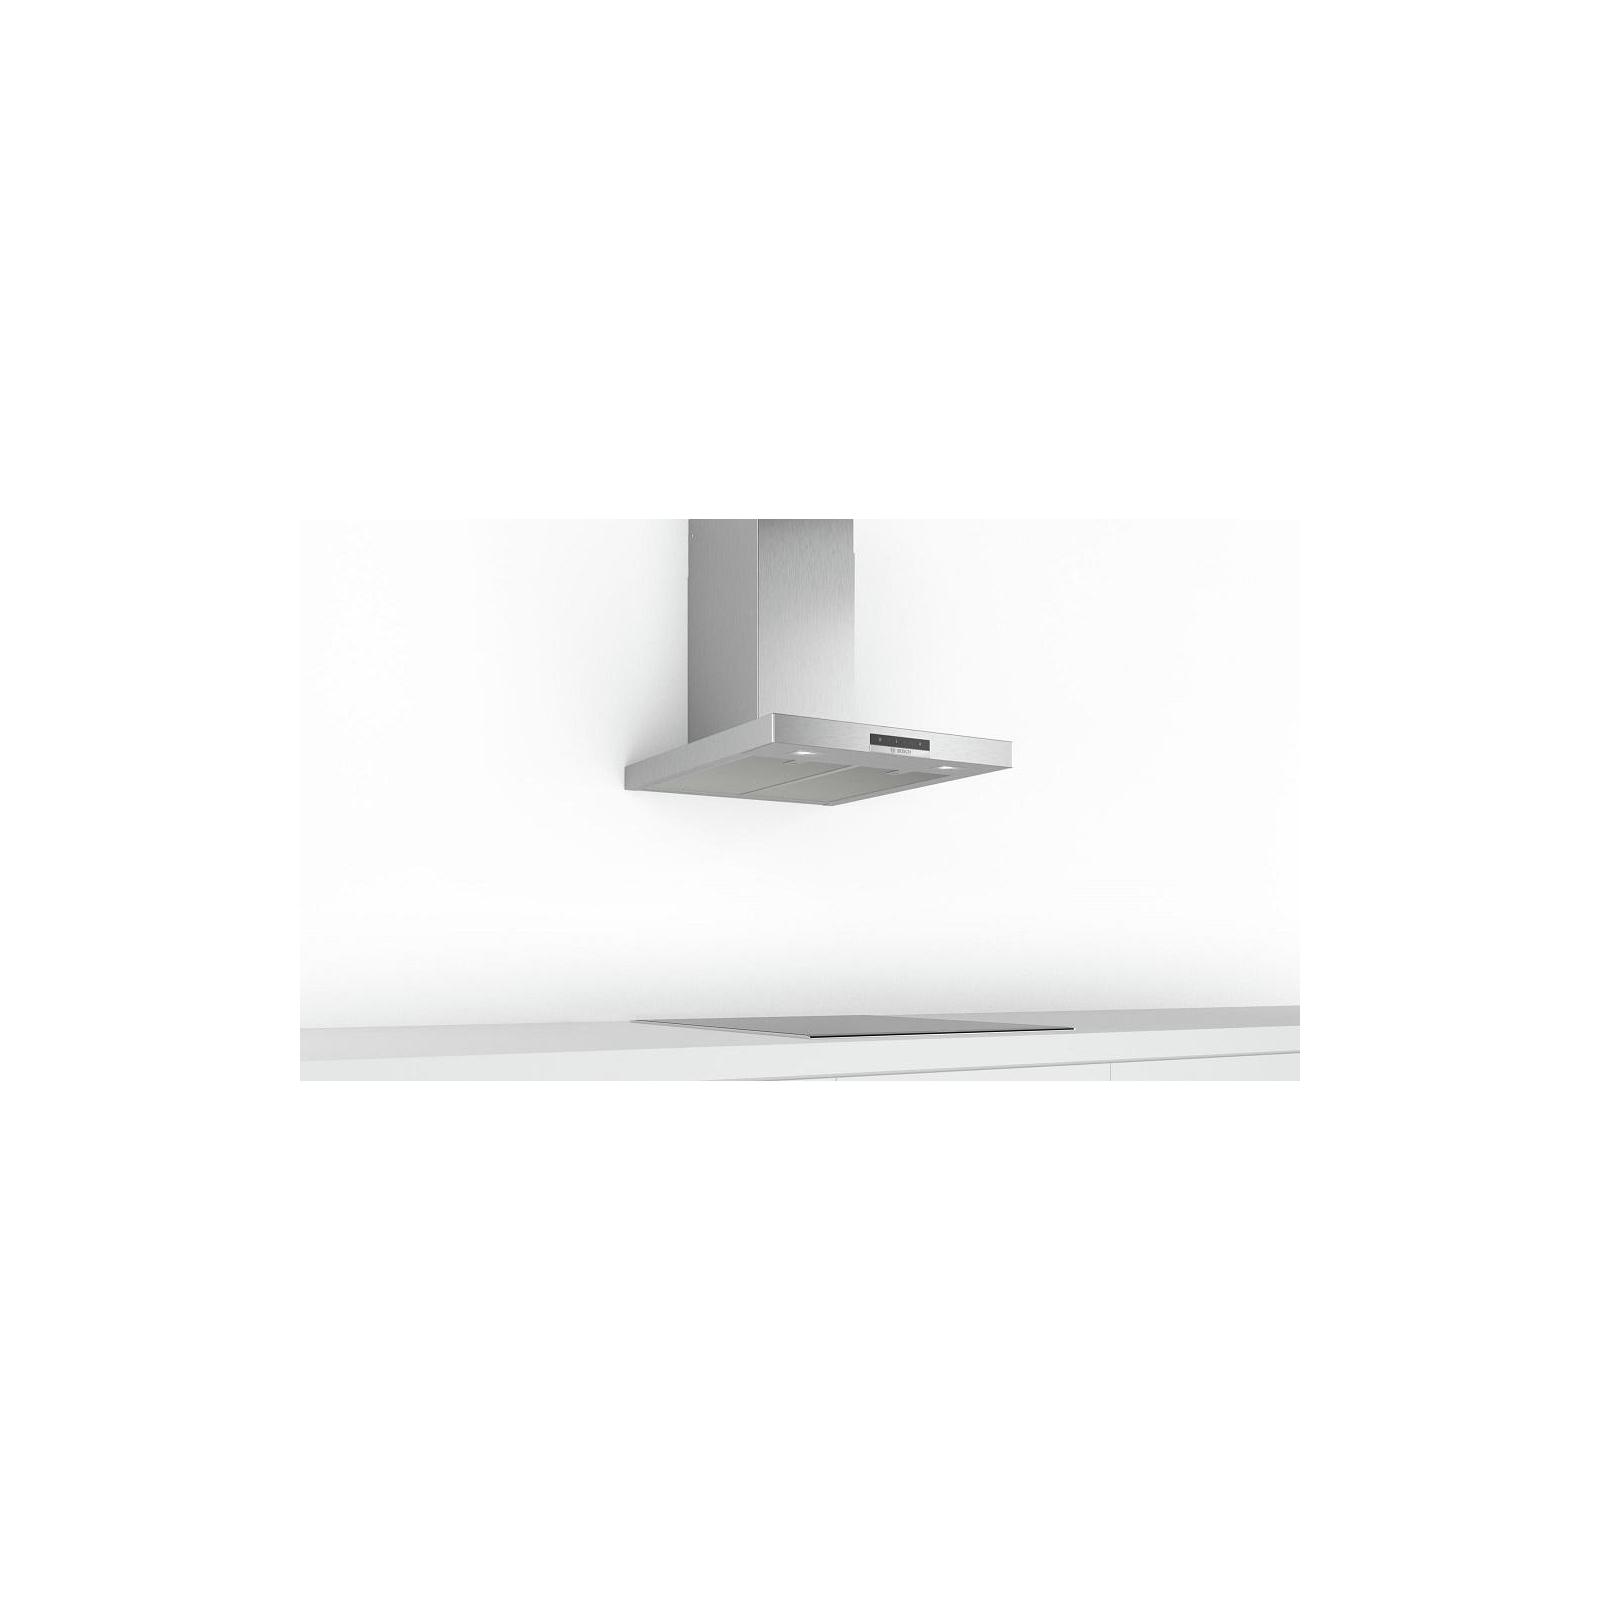 Вытяжка кухонная Bosch DWB66DM50 изображение 5